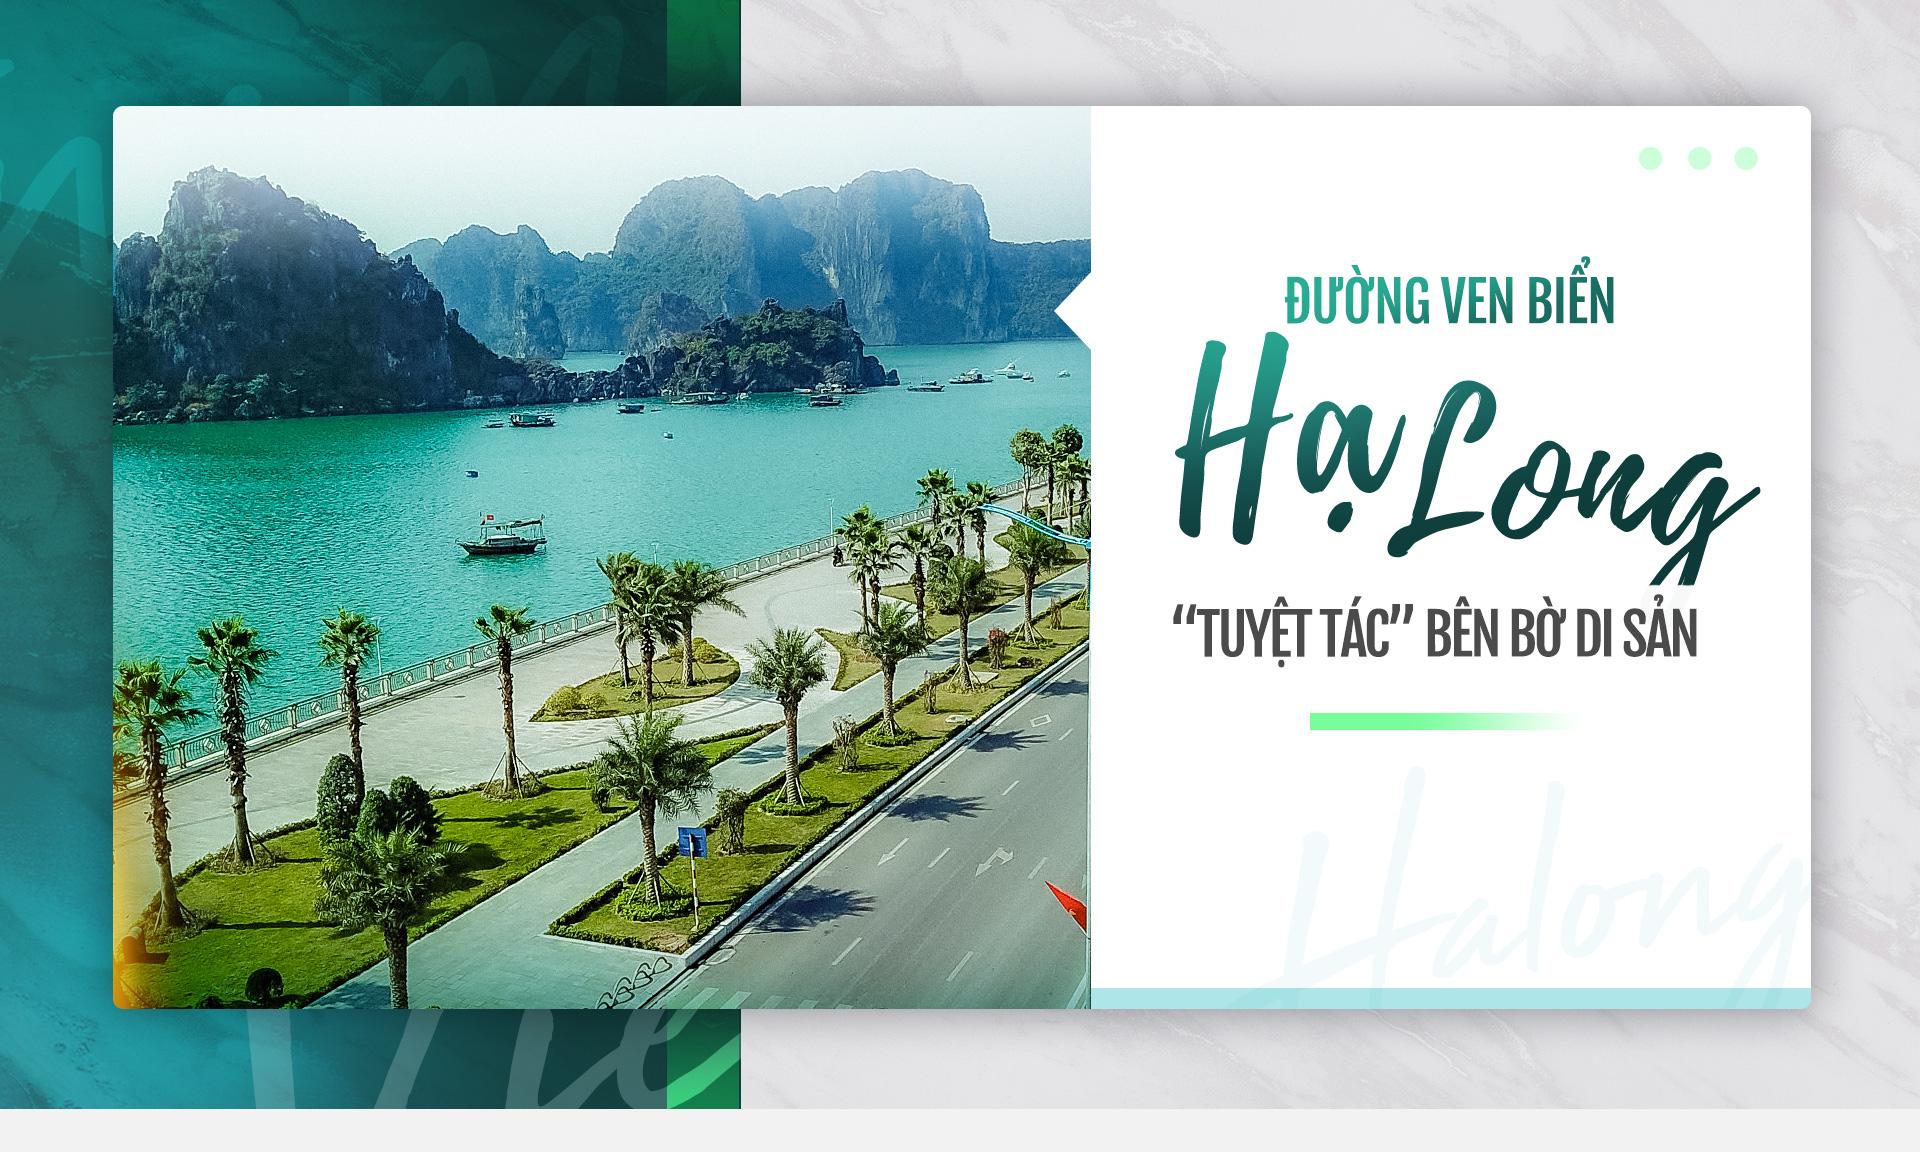 Đường ven biển Hạ Long: 'Tuyệt tác' bên bờ di sản